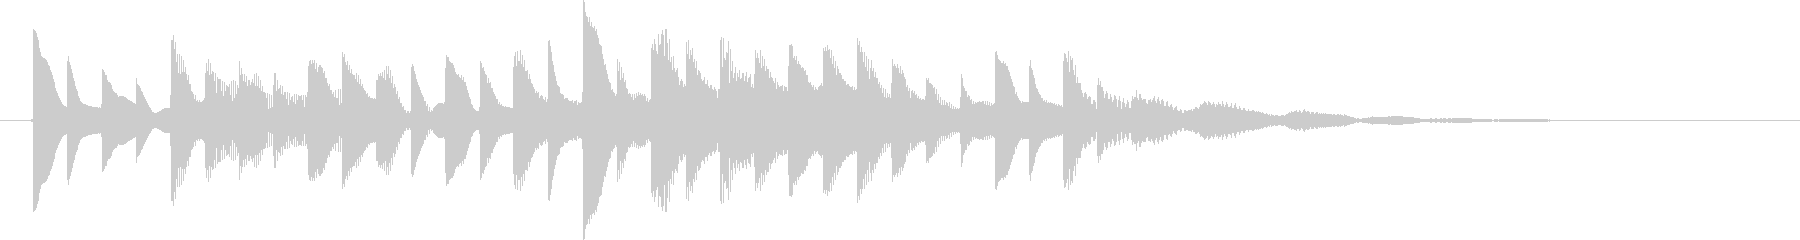 ピコピコ電子音の未再生の波形